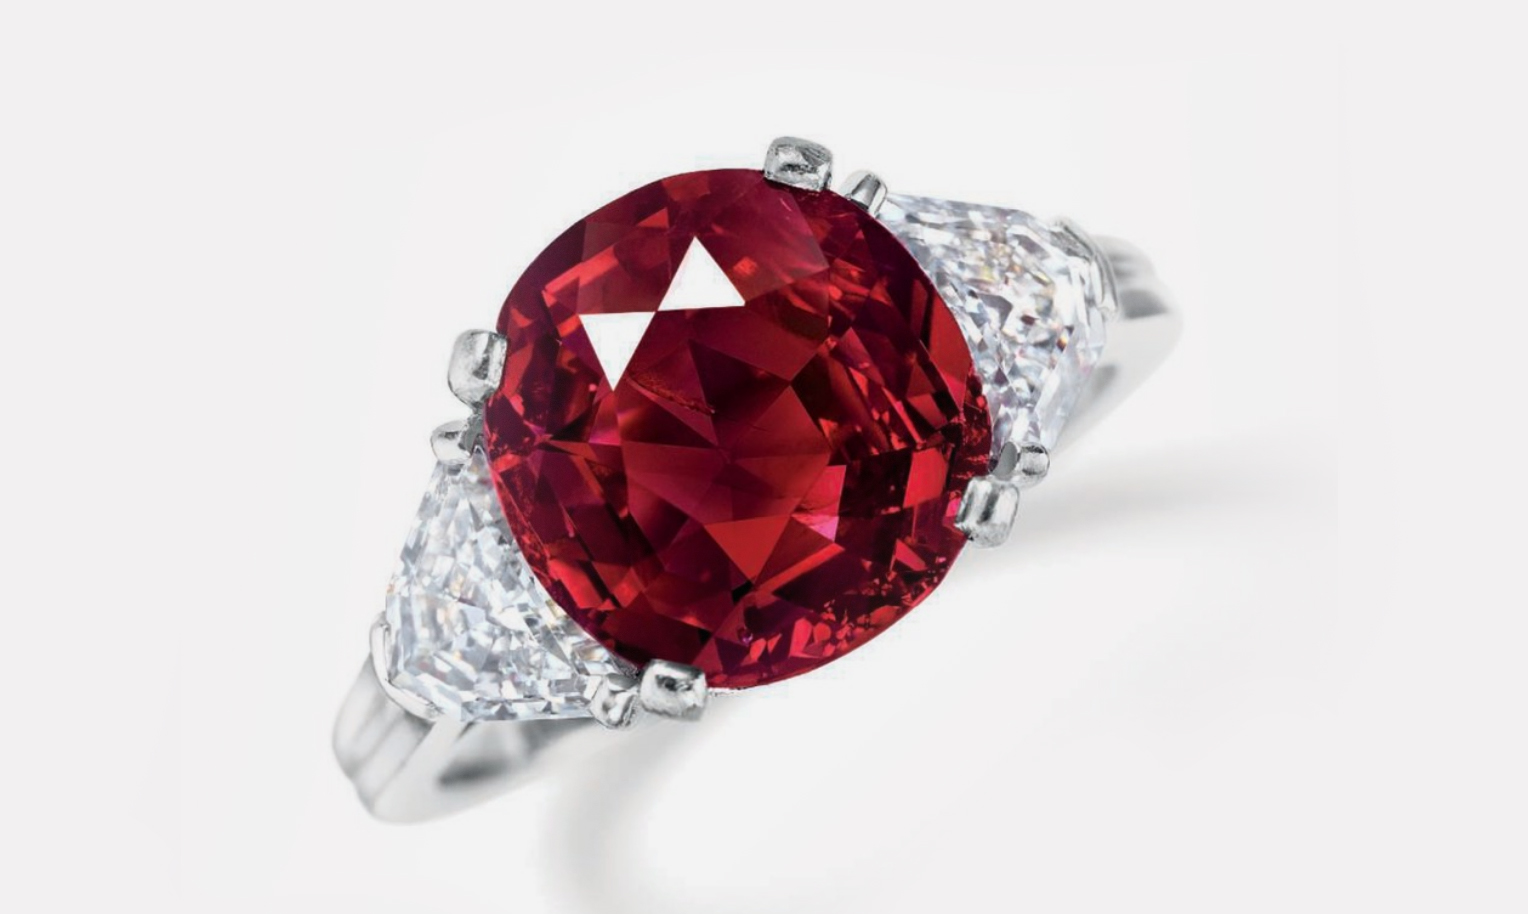 Кольцо Tiffany, подаренное Ирвингом Берлином на рубиновую свадьбу своей супруге